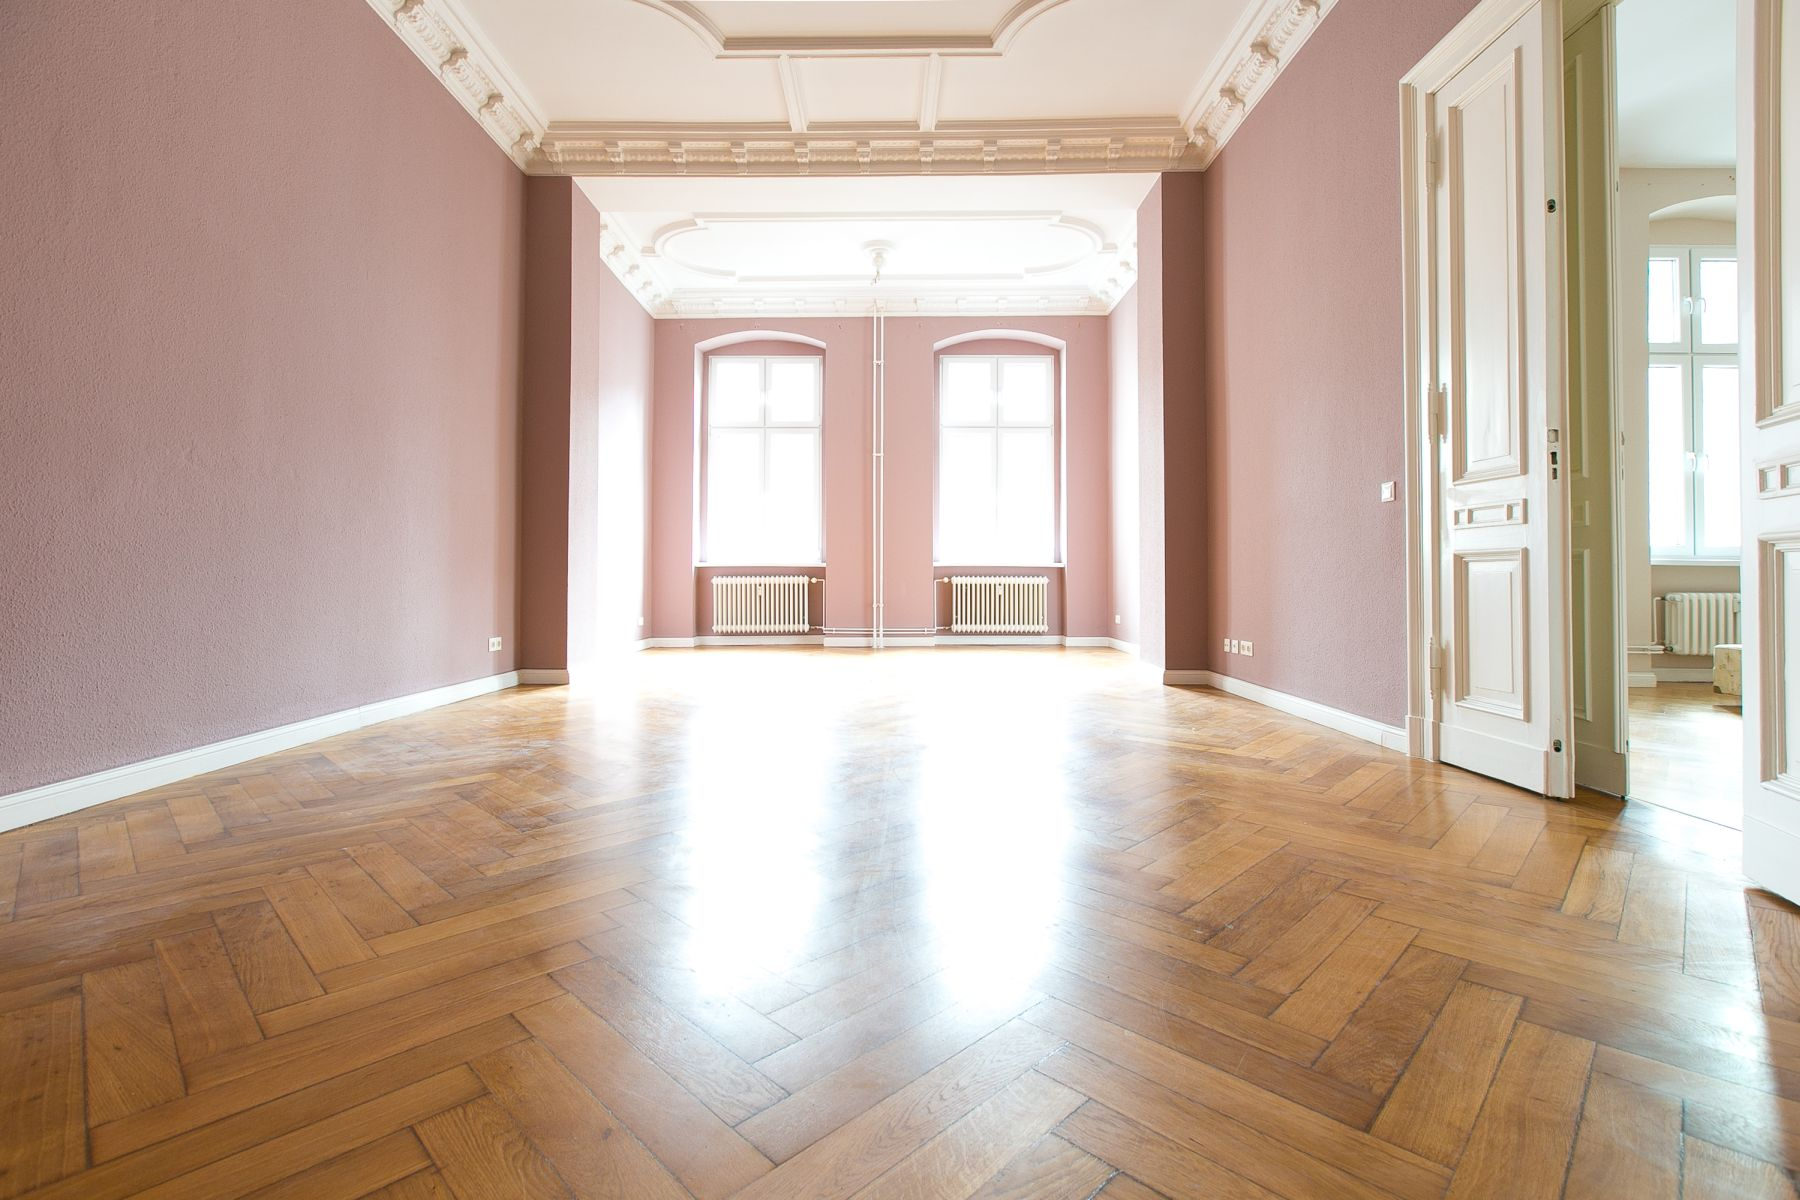 Wohnung für Verkauf beim Charmante Altbauwohnung Nähe Wittenbergplatz! Berlin, Berlin, 10787 Deutschland